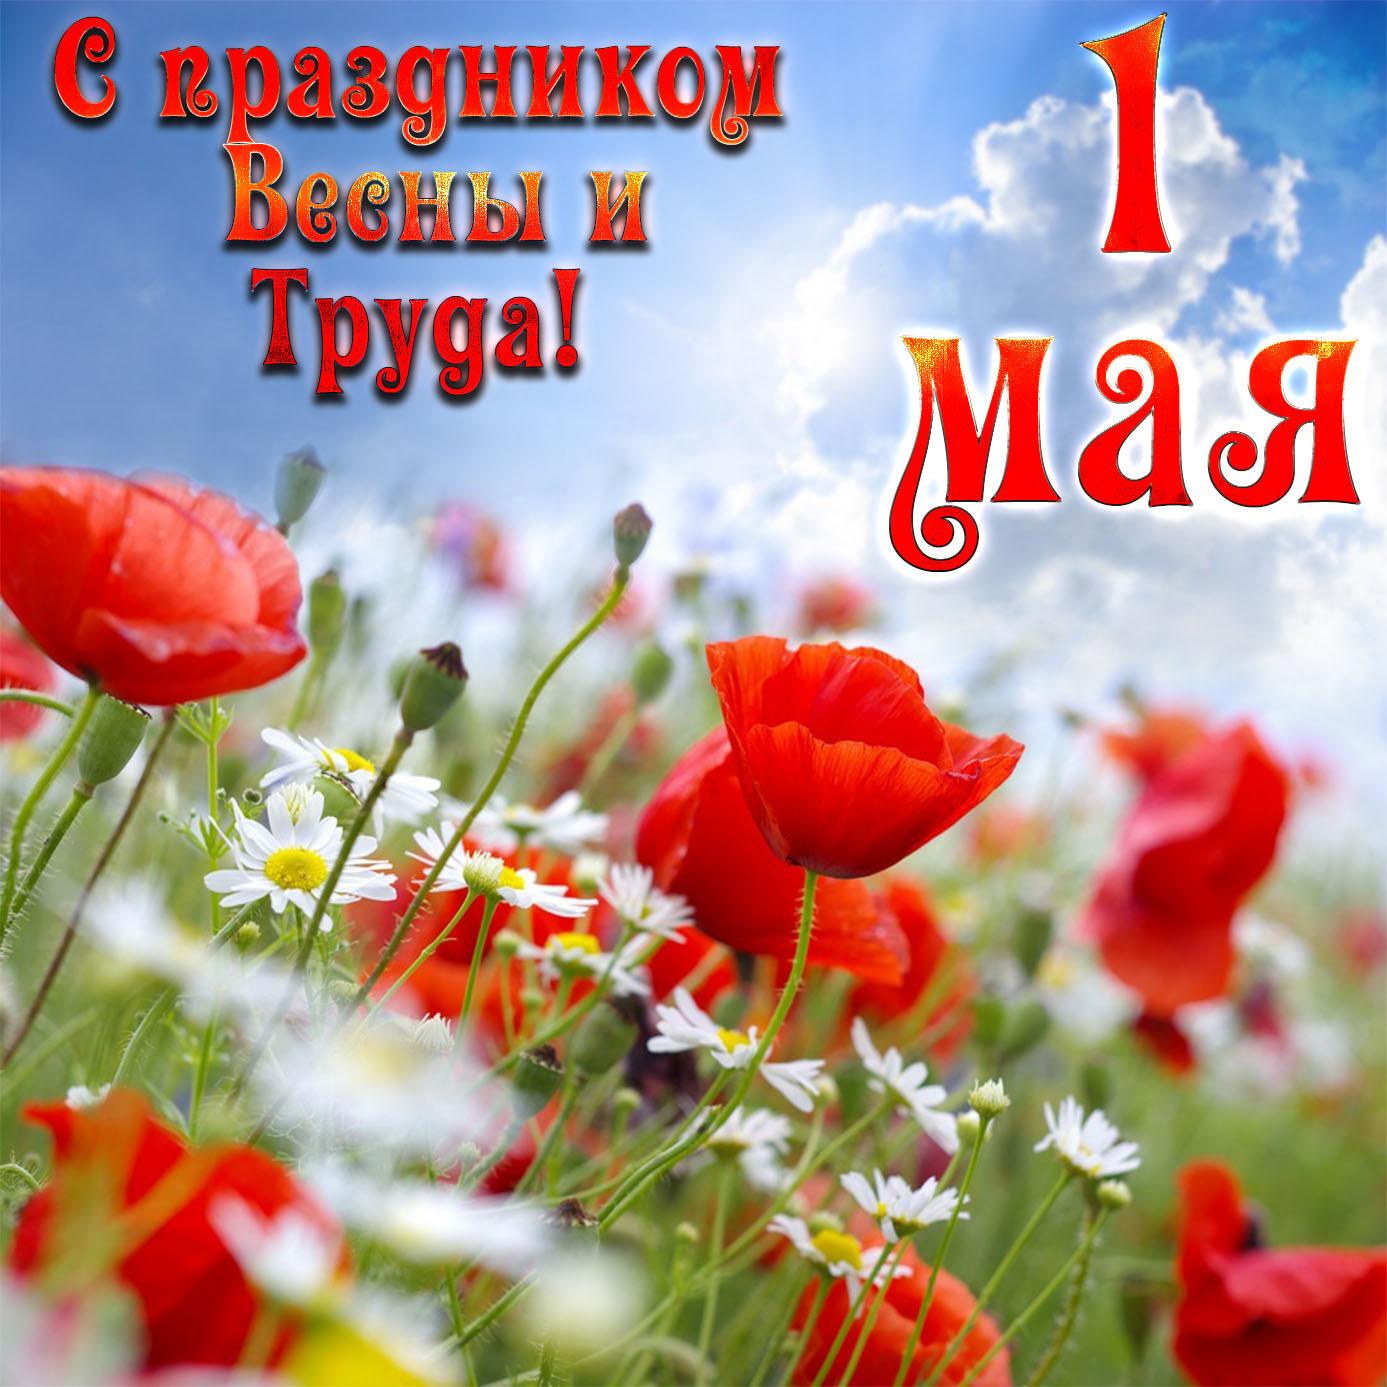 Картинка с цветами на праздник Весны и Труда